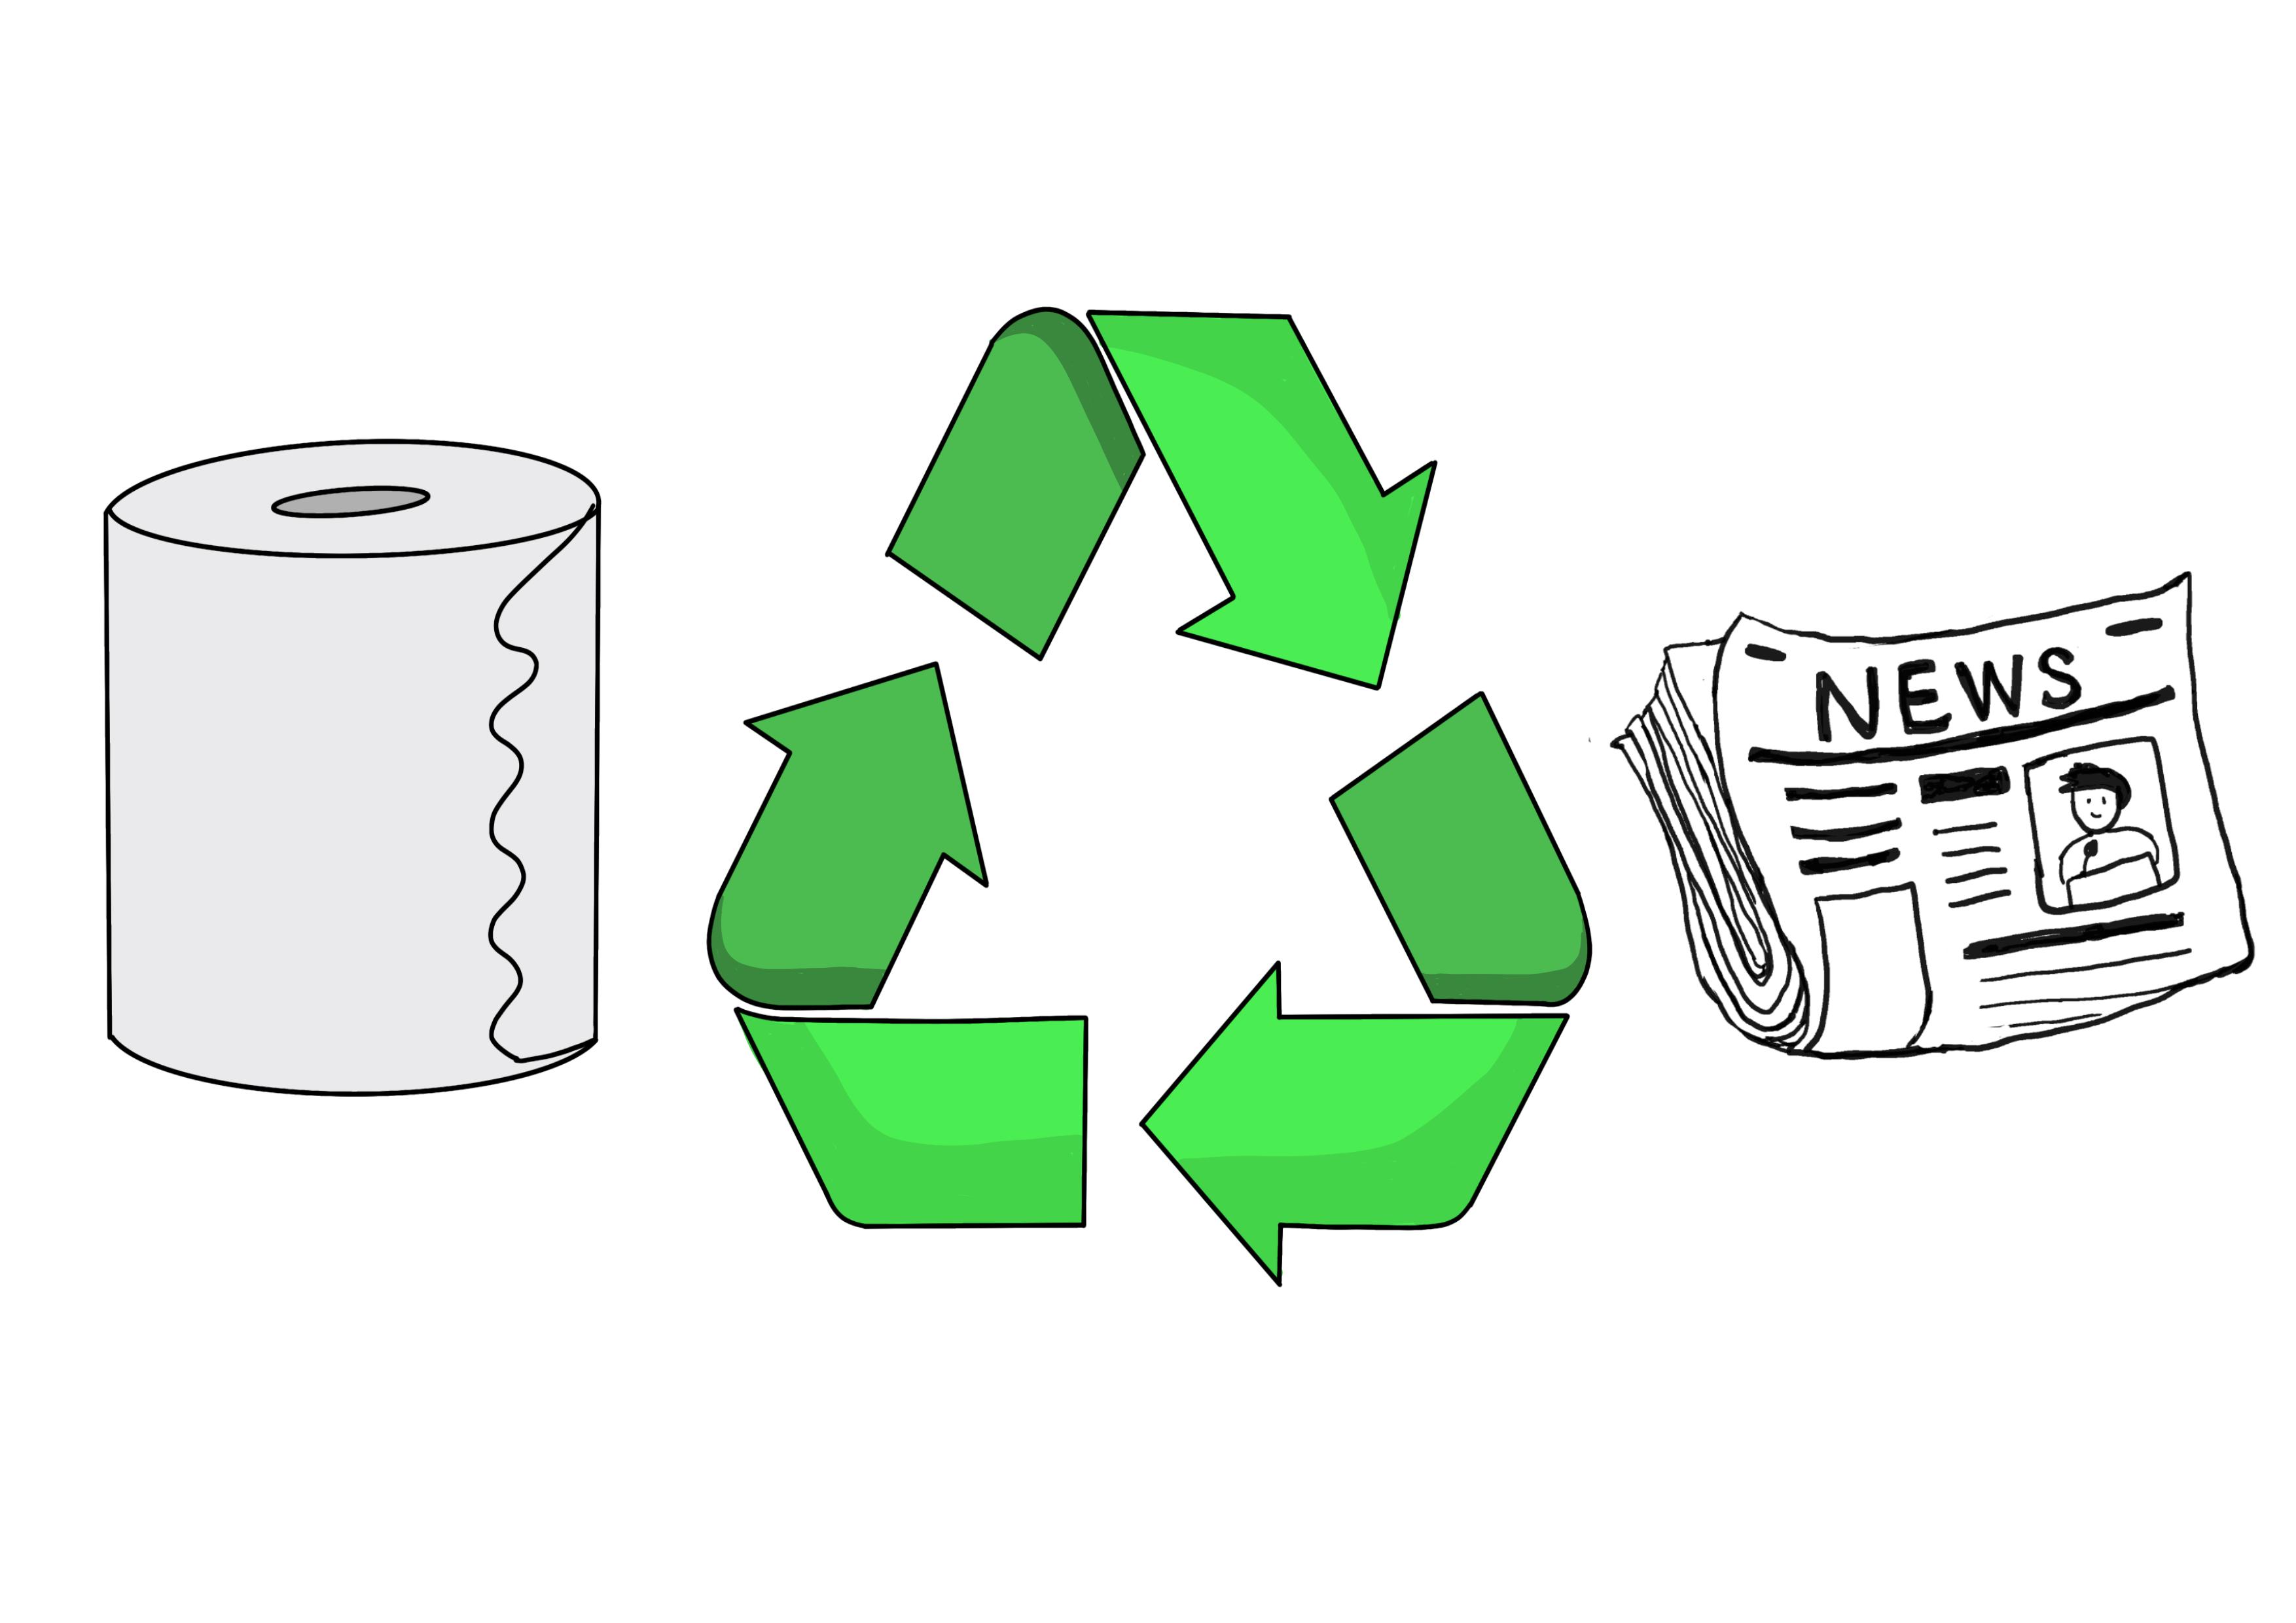 33課イラスト【リサイクルする】